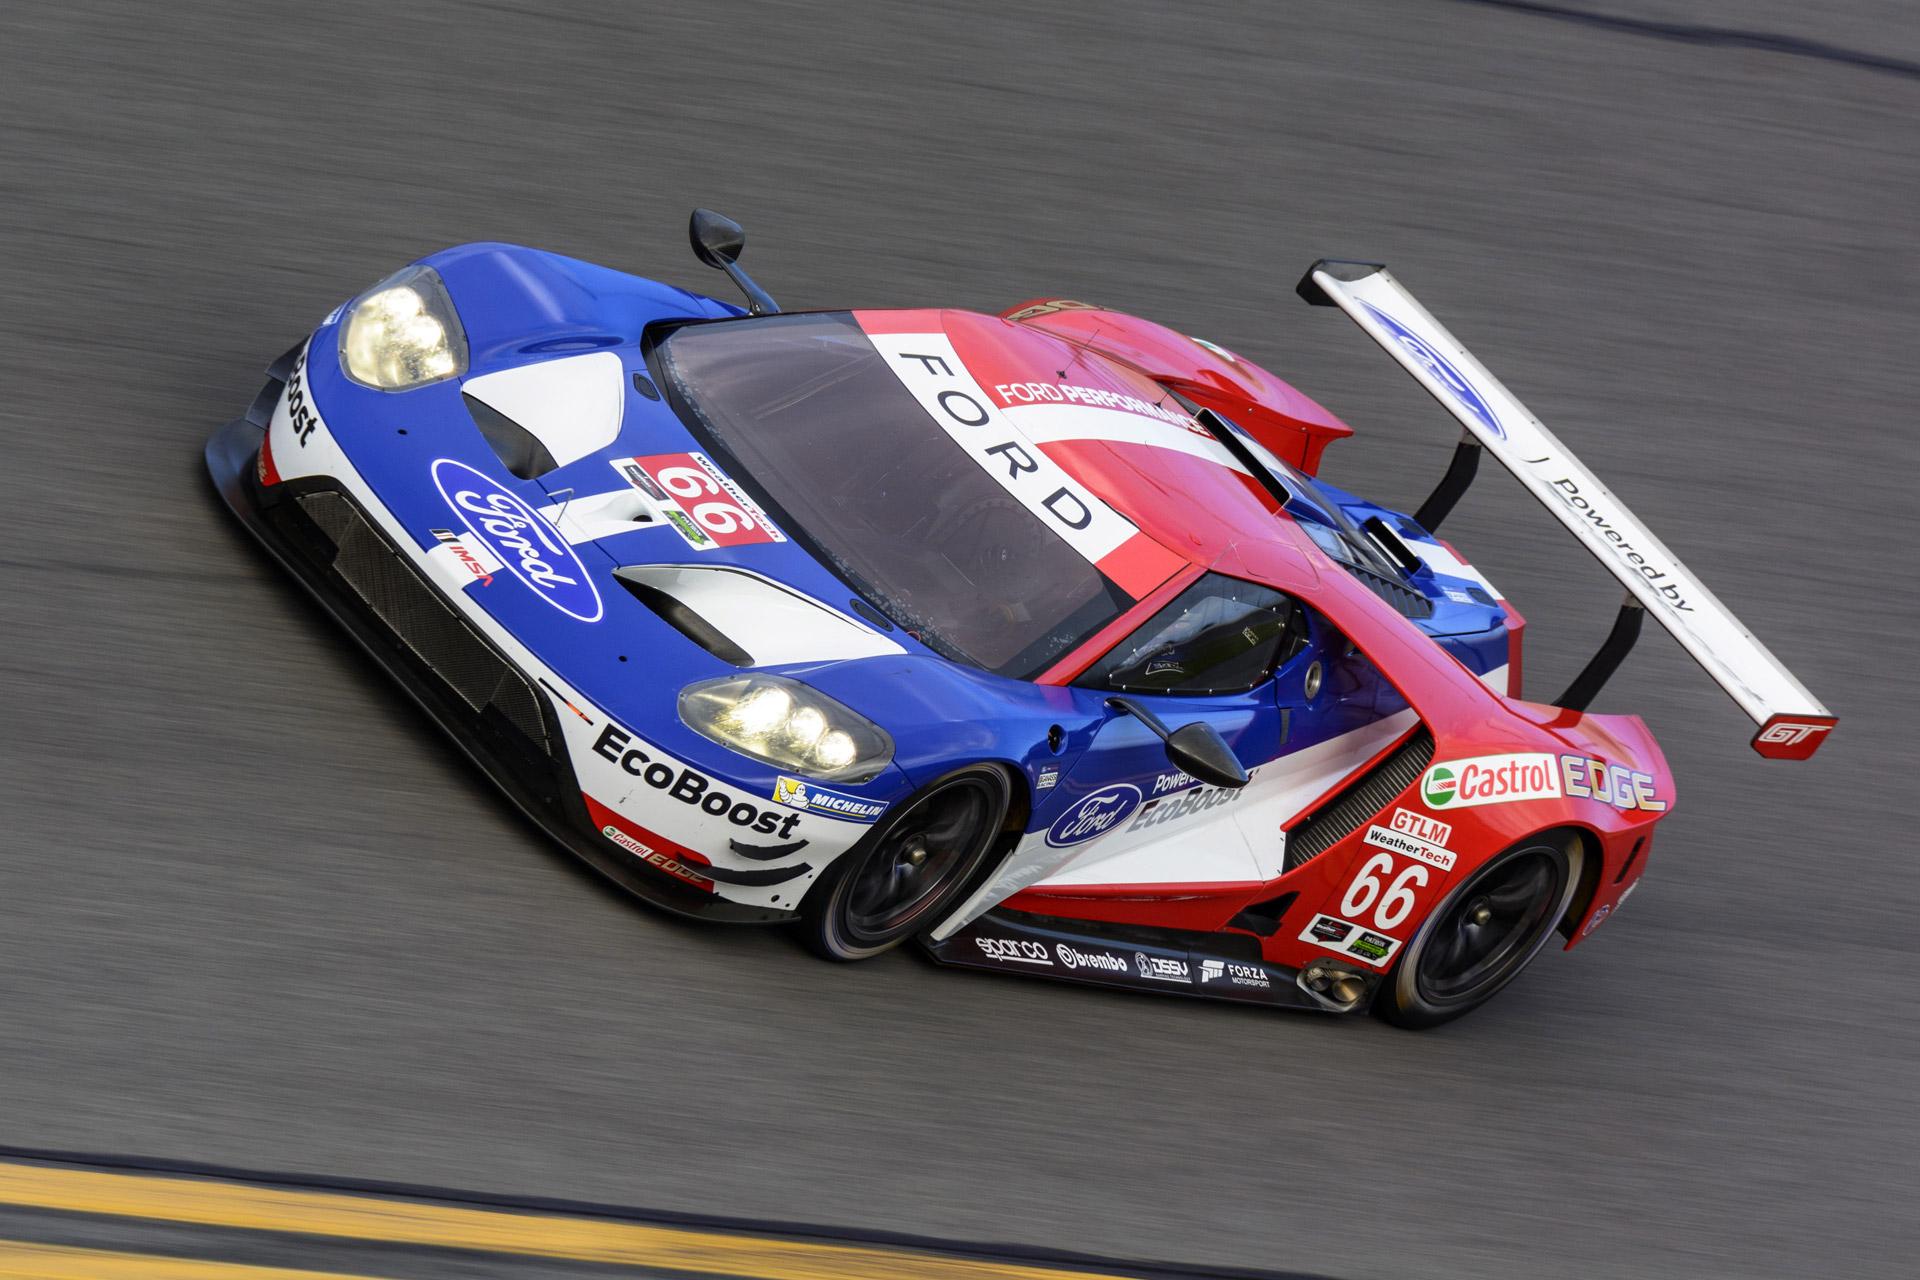 بالصور سيارات سباق , اجمل سيارات سباق 5359 5